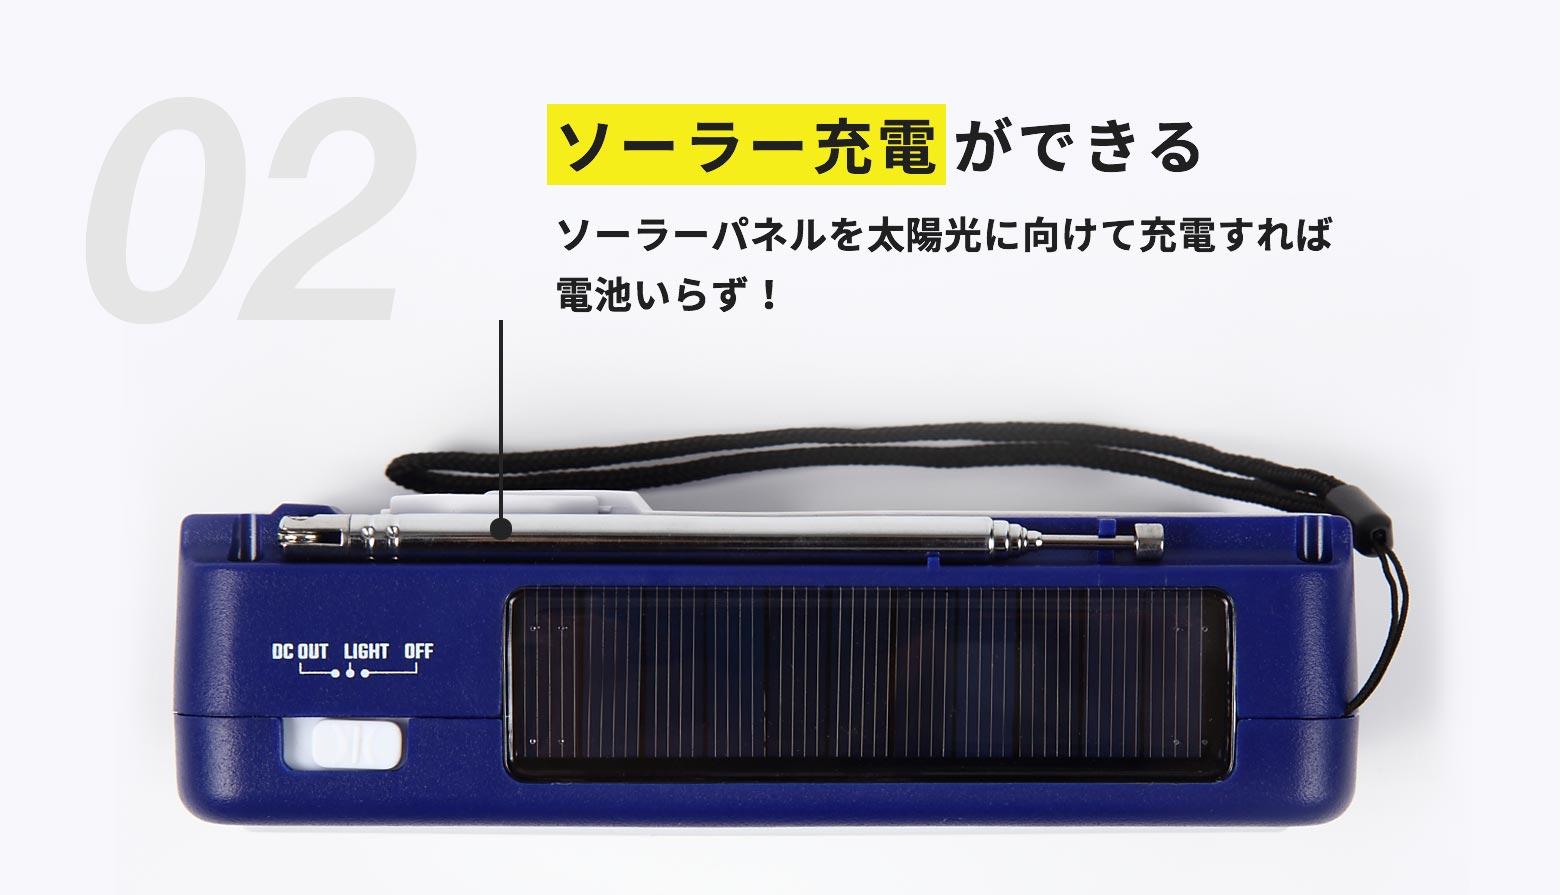 ソーラー充電ができるソーラーパネルを太陽光に向けて充電すれば電池いらず!